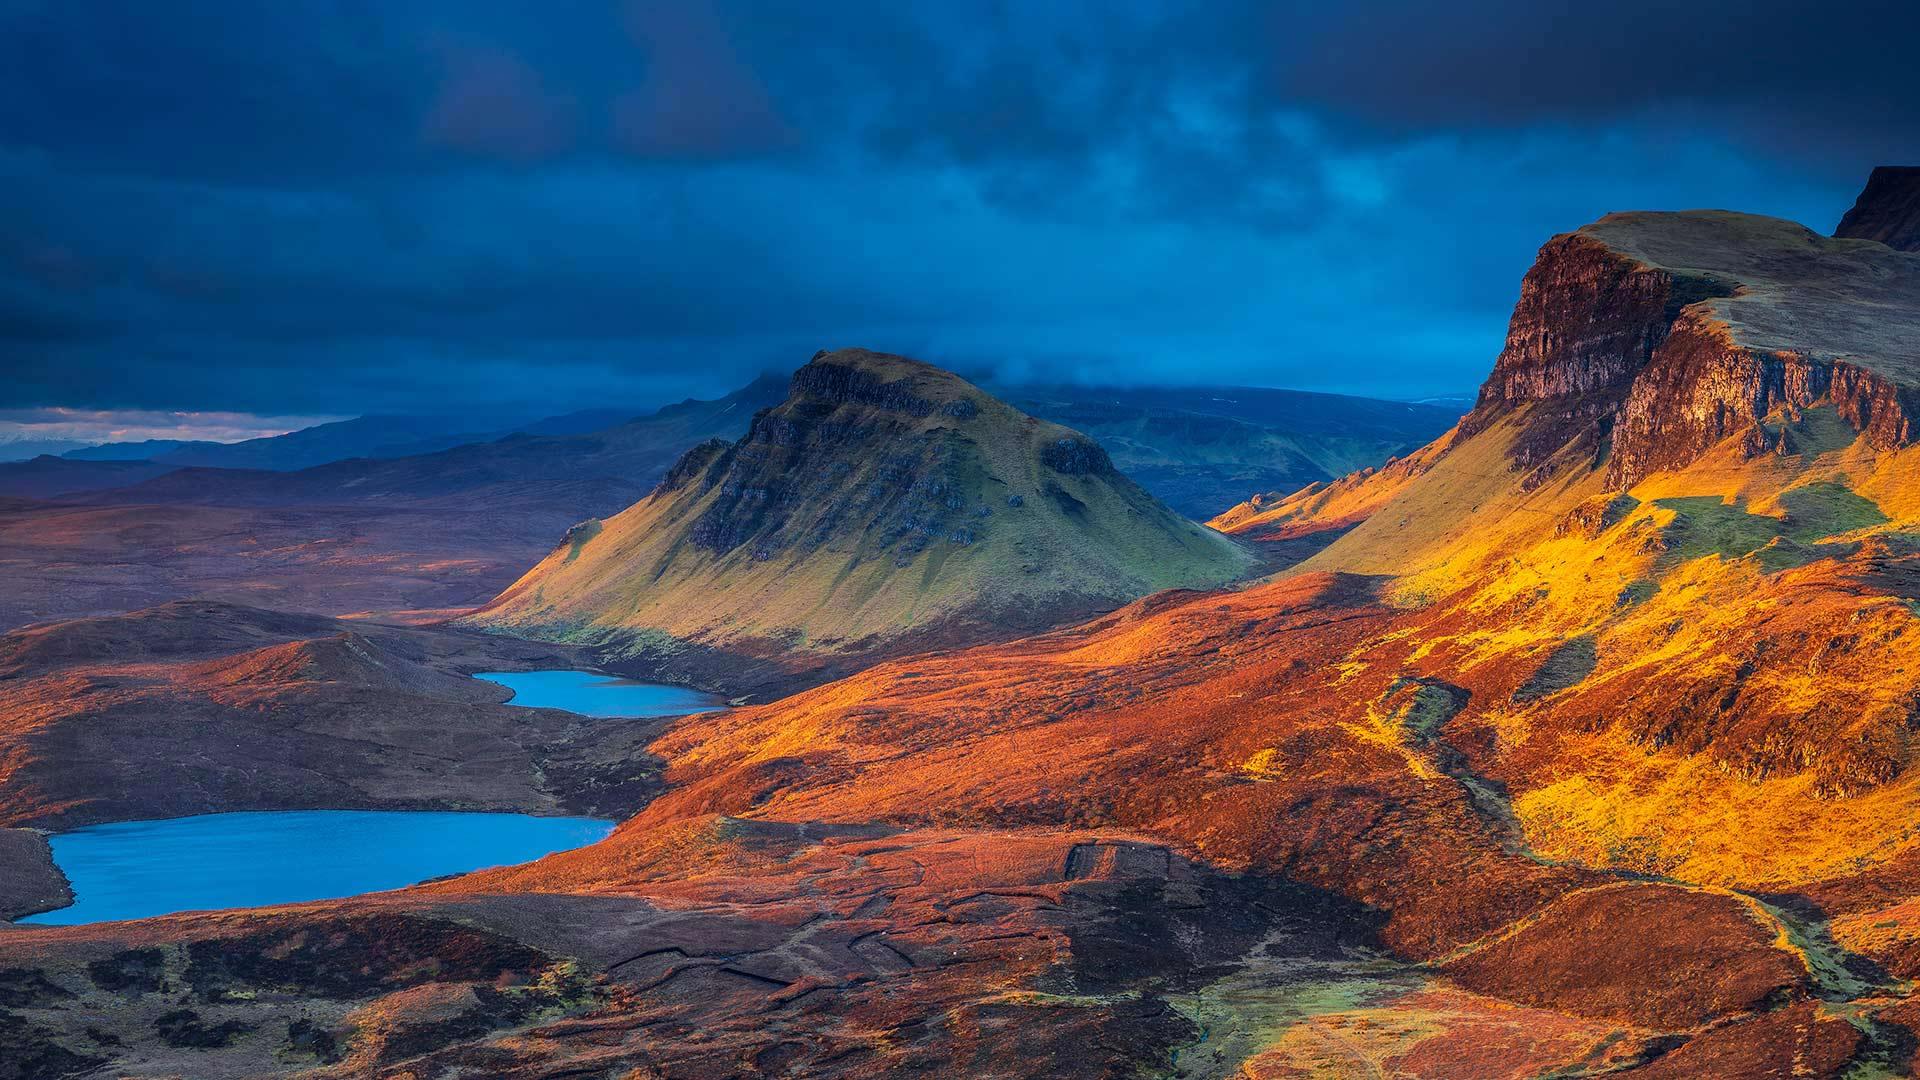 「クリート湖」スコットランド, スカイ島 (© Sebastian Wasek/Sime/eStock Photo)